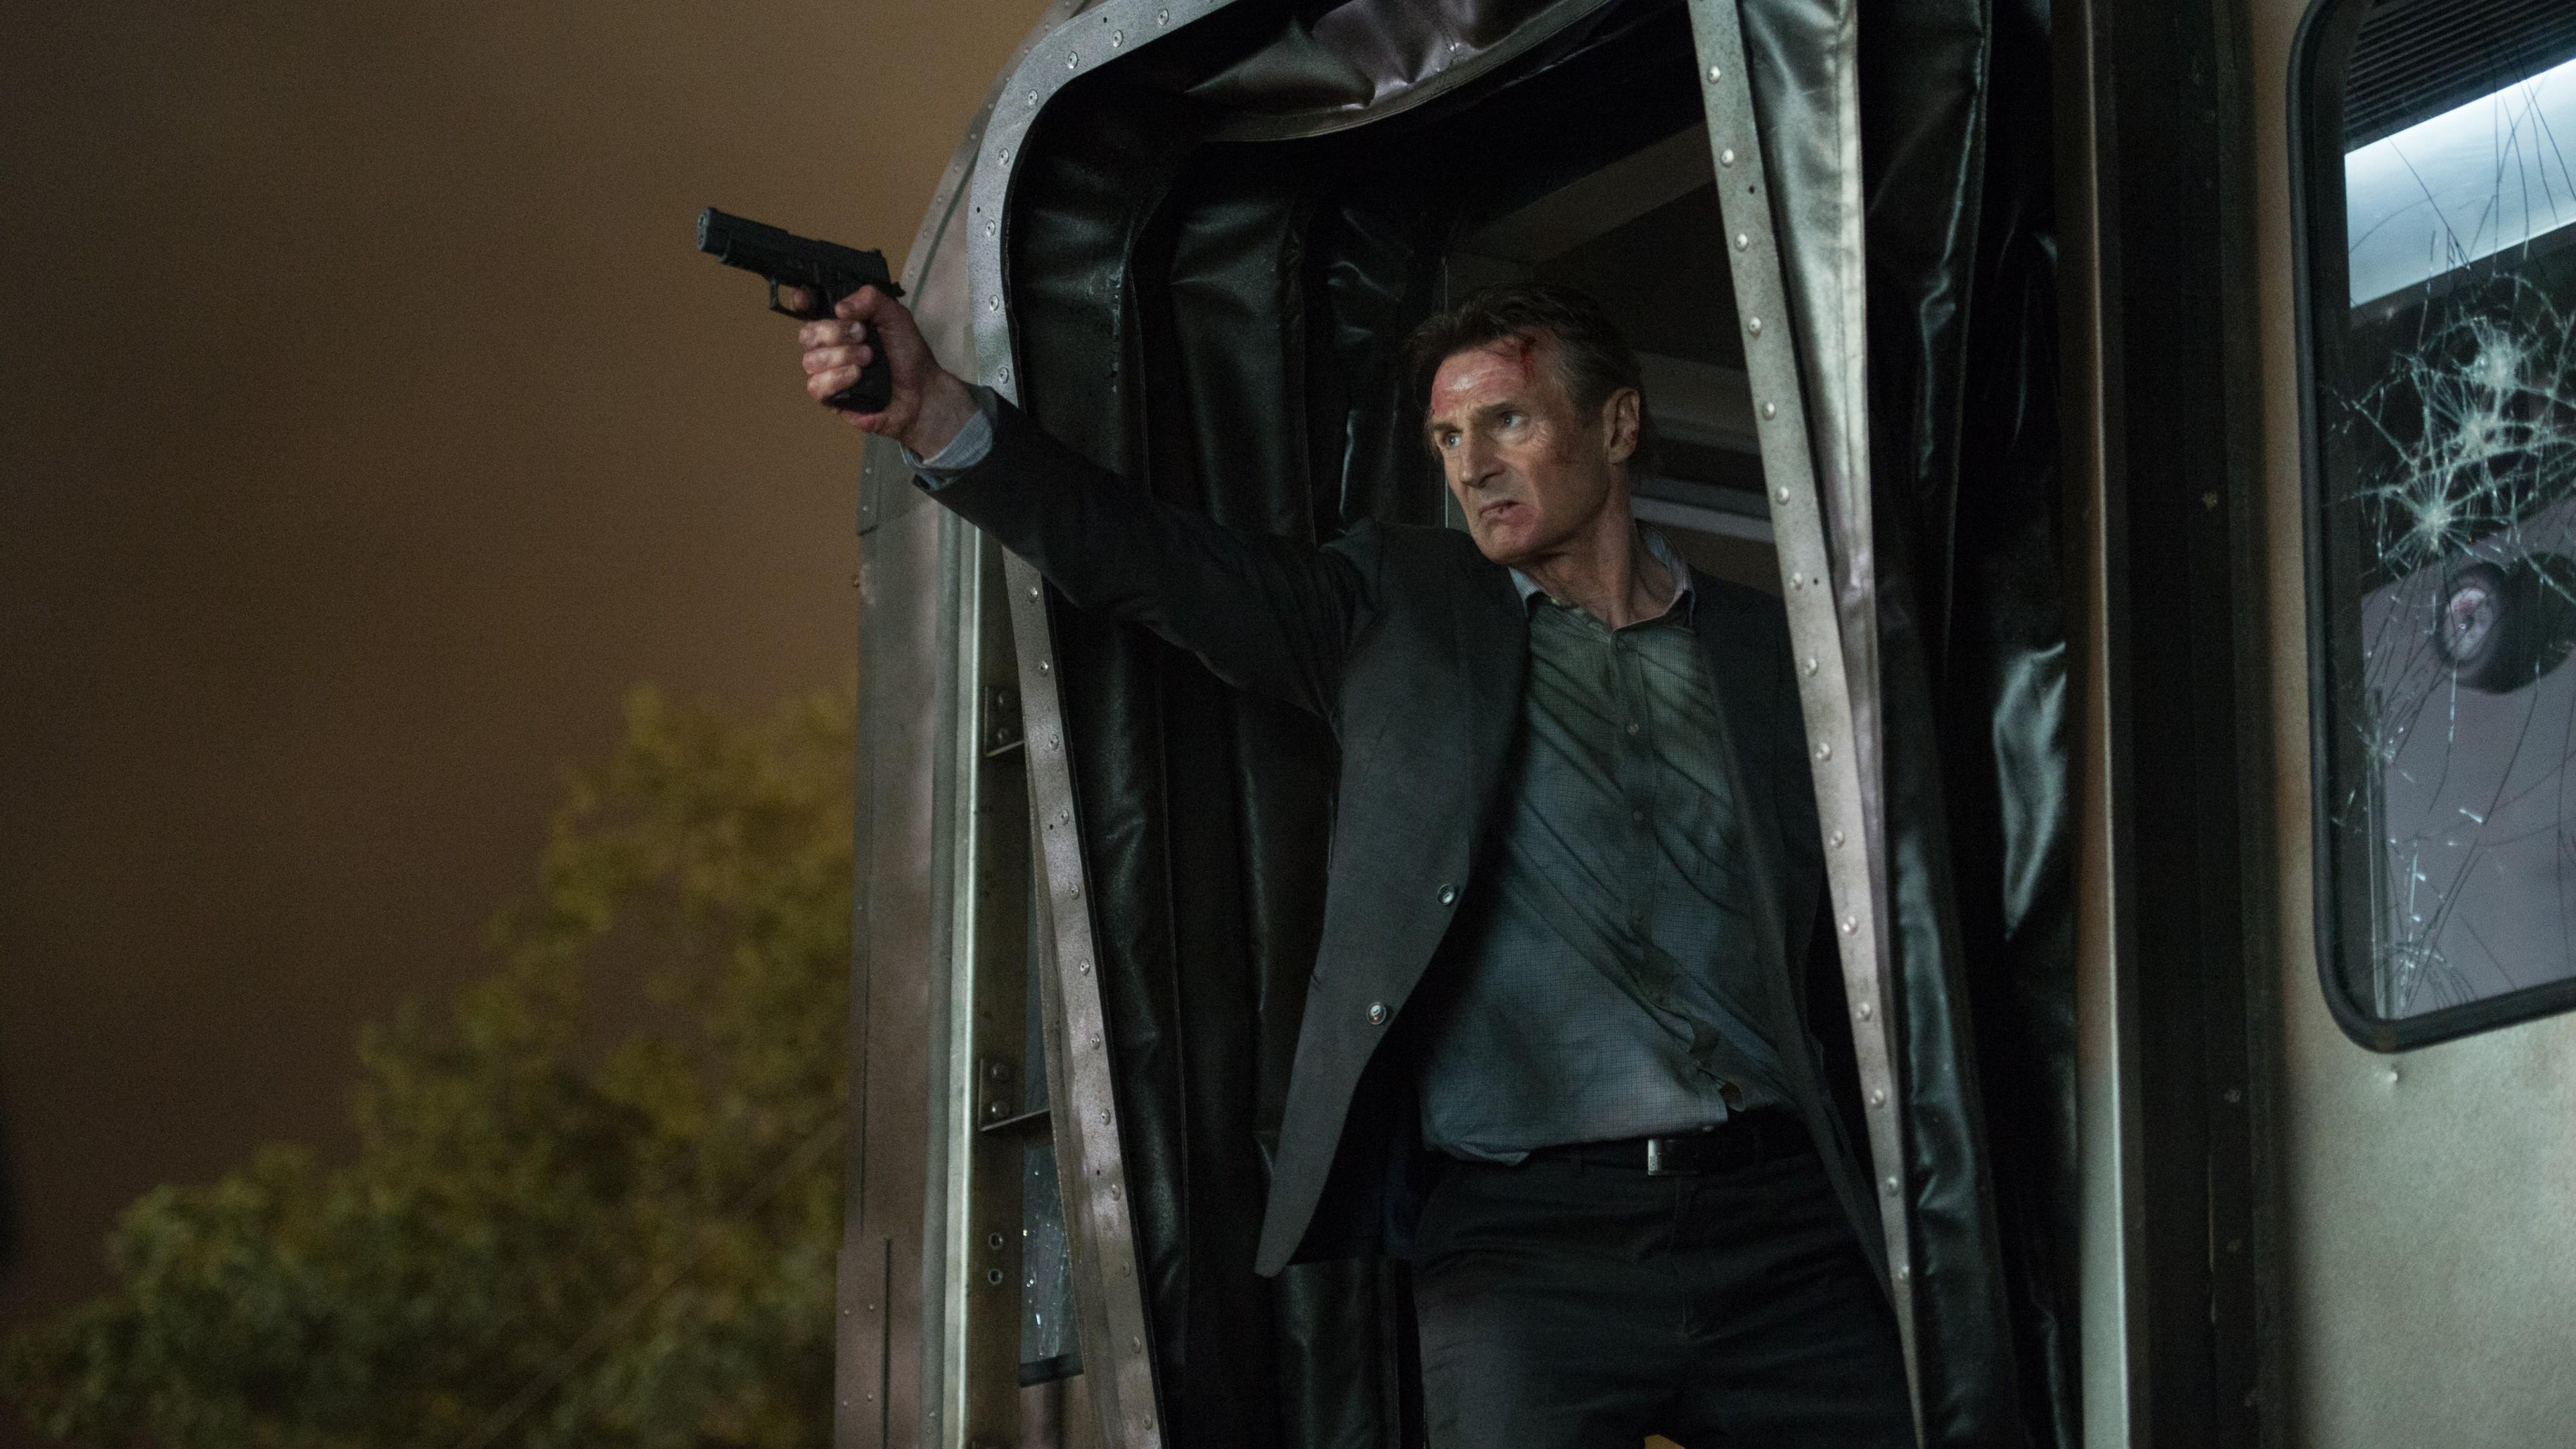 """The Passenger : Le film marque les retrouvailles entre le cinéma d'action et Liam Neeson, qui """"sort de sa retraite""""."""